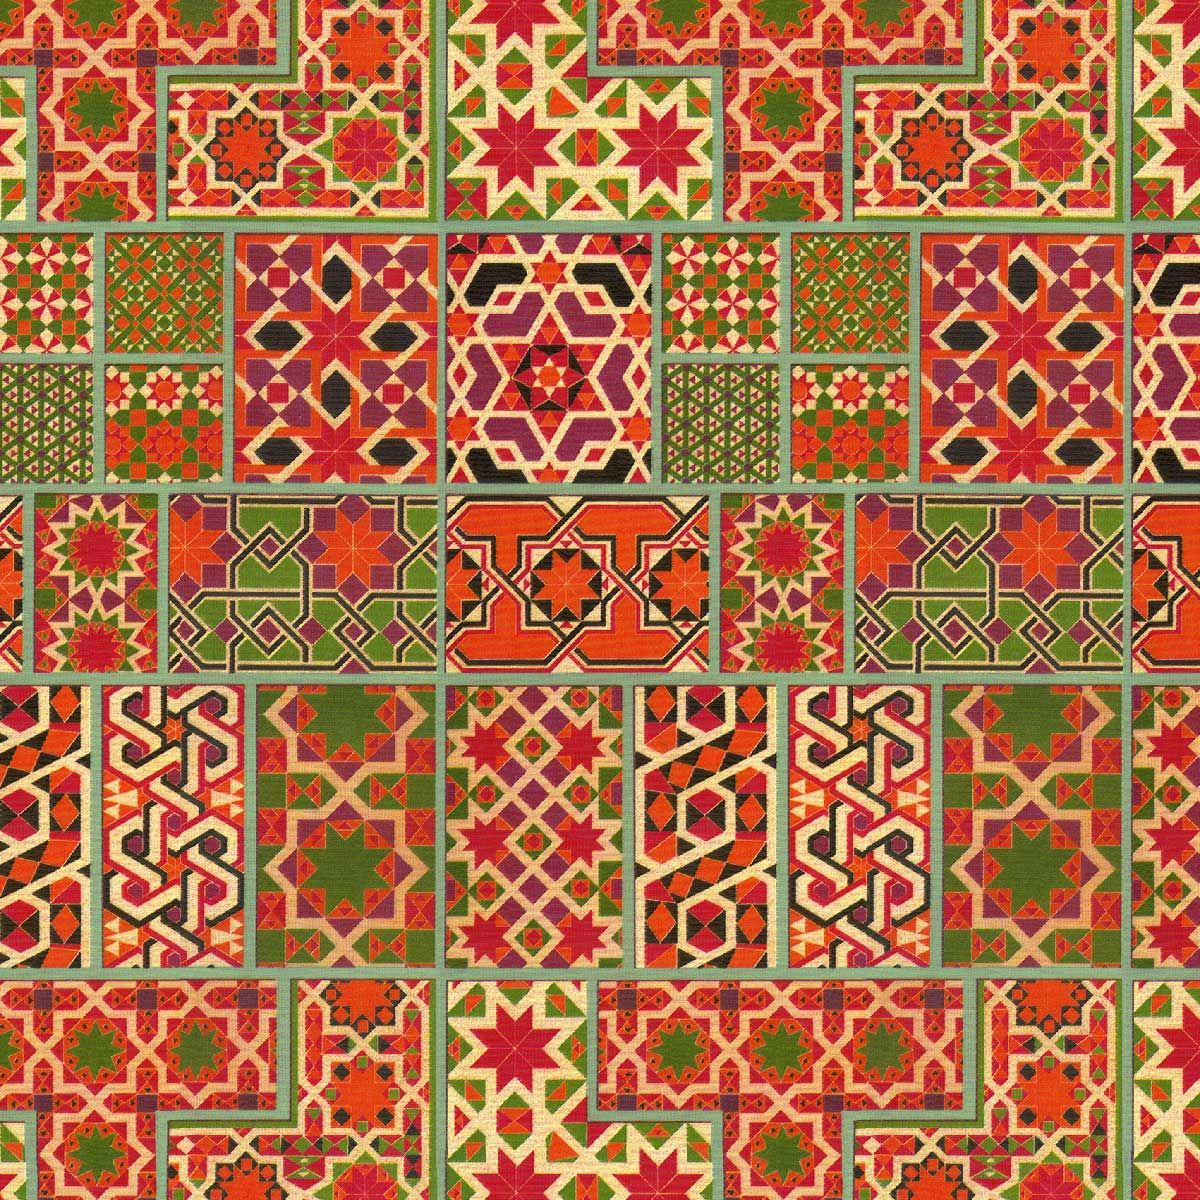 Moroccan Rug Custom Vintage Retro Wallpaper